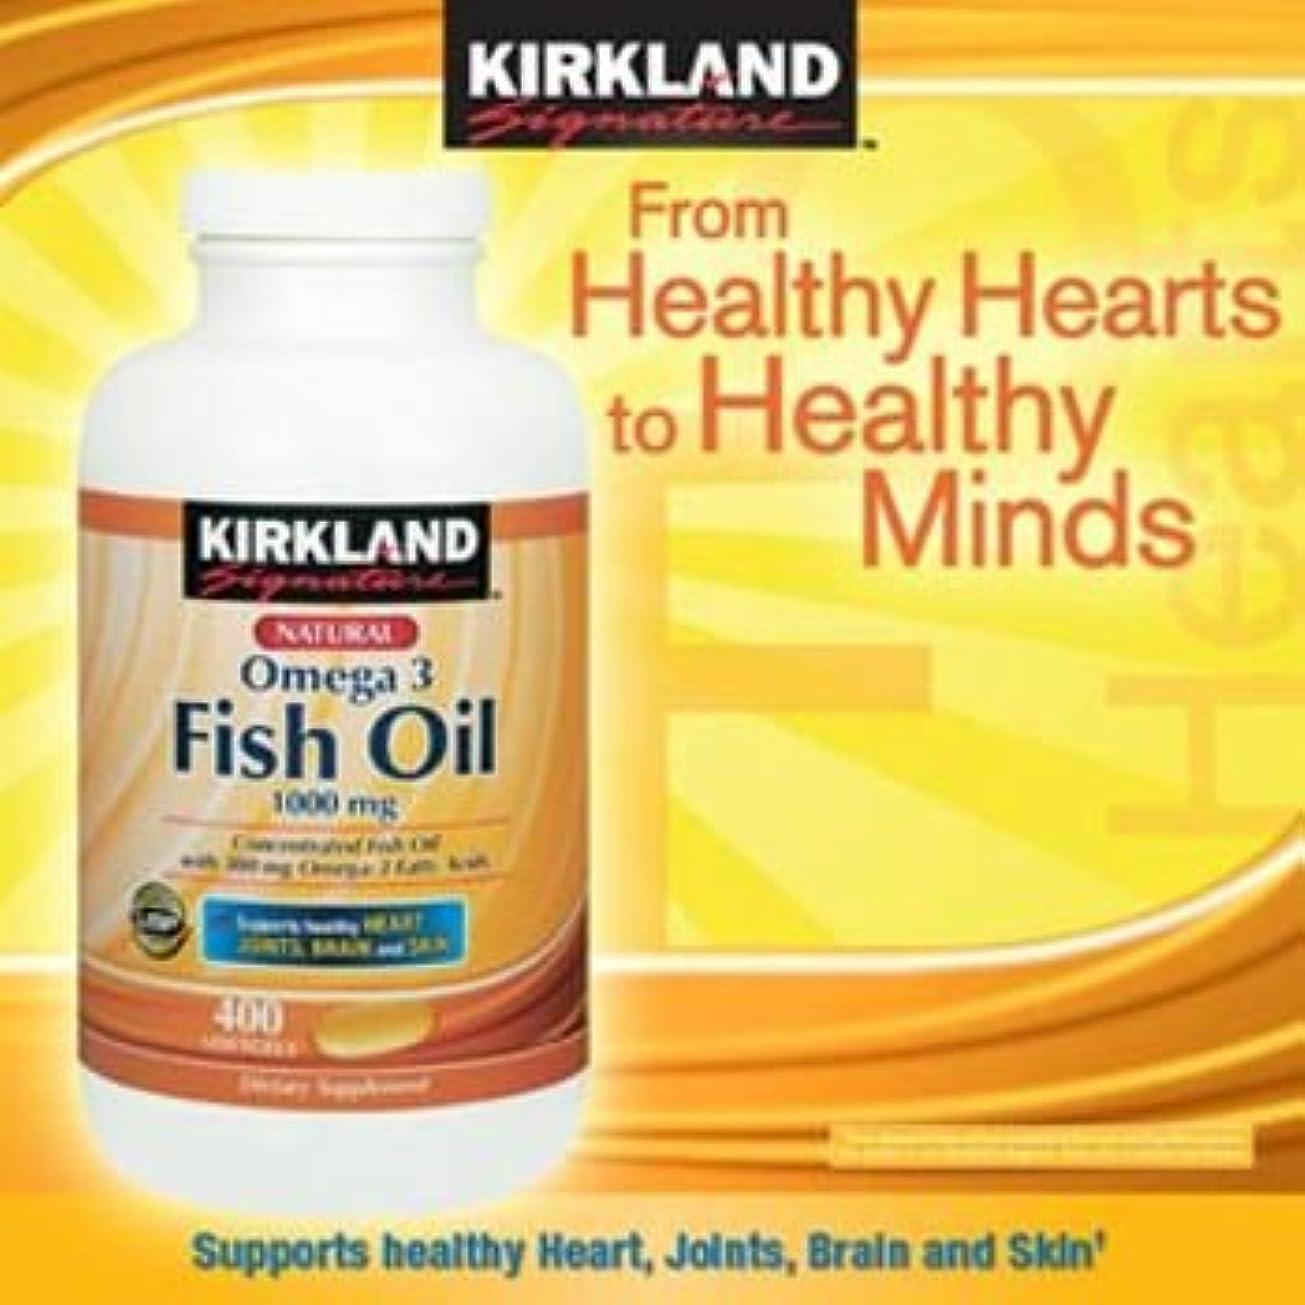 突破口バーチャル差し引くKIRKLAND社 フィッシュオイル (DHA+EPA) オメガ3 1000mg 400ソフトカプセル 3本 [並行輸入品] [海外直送品] 3 Bottles of KIRKLAND's Fish Oil (DHA +...